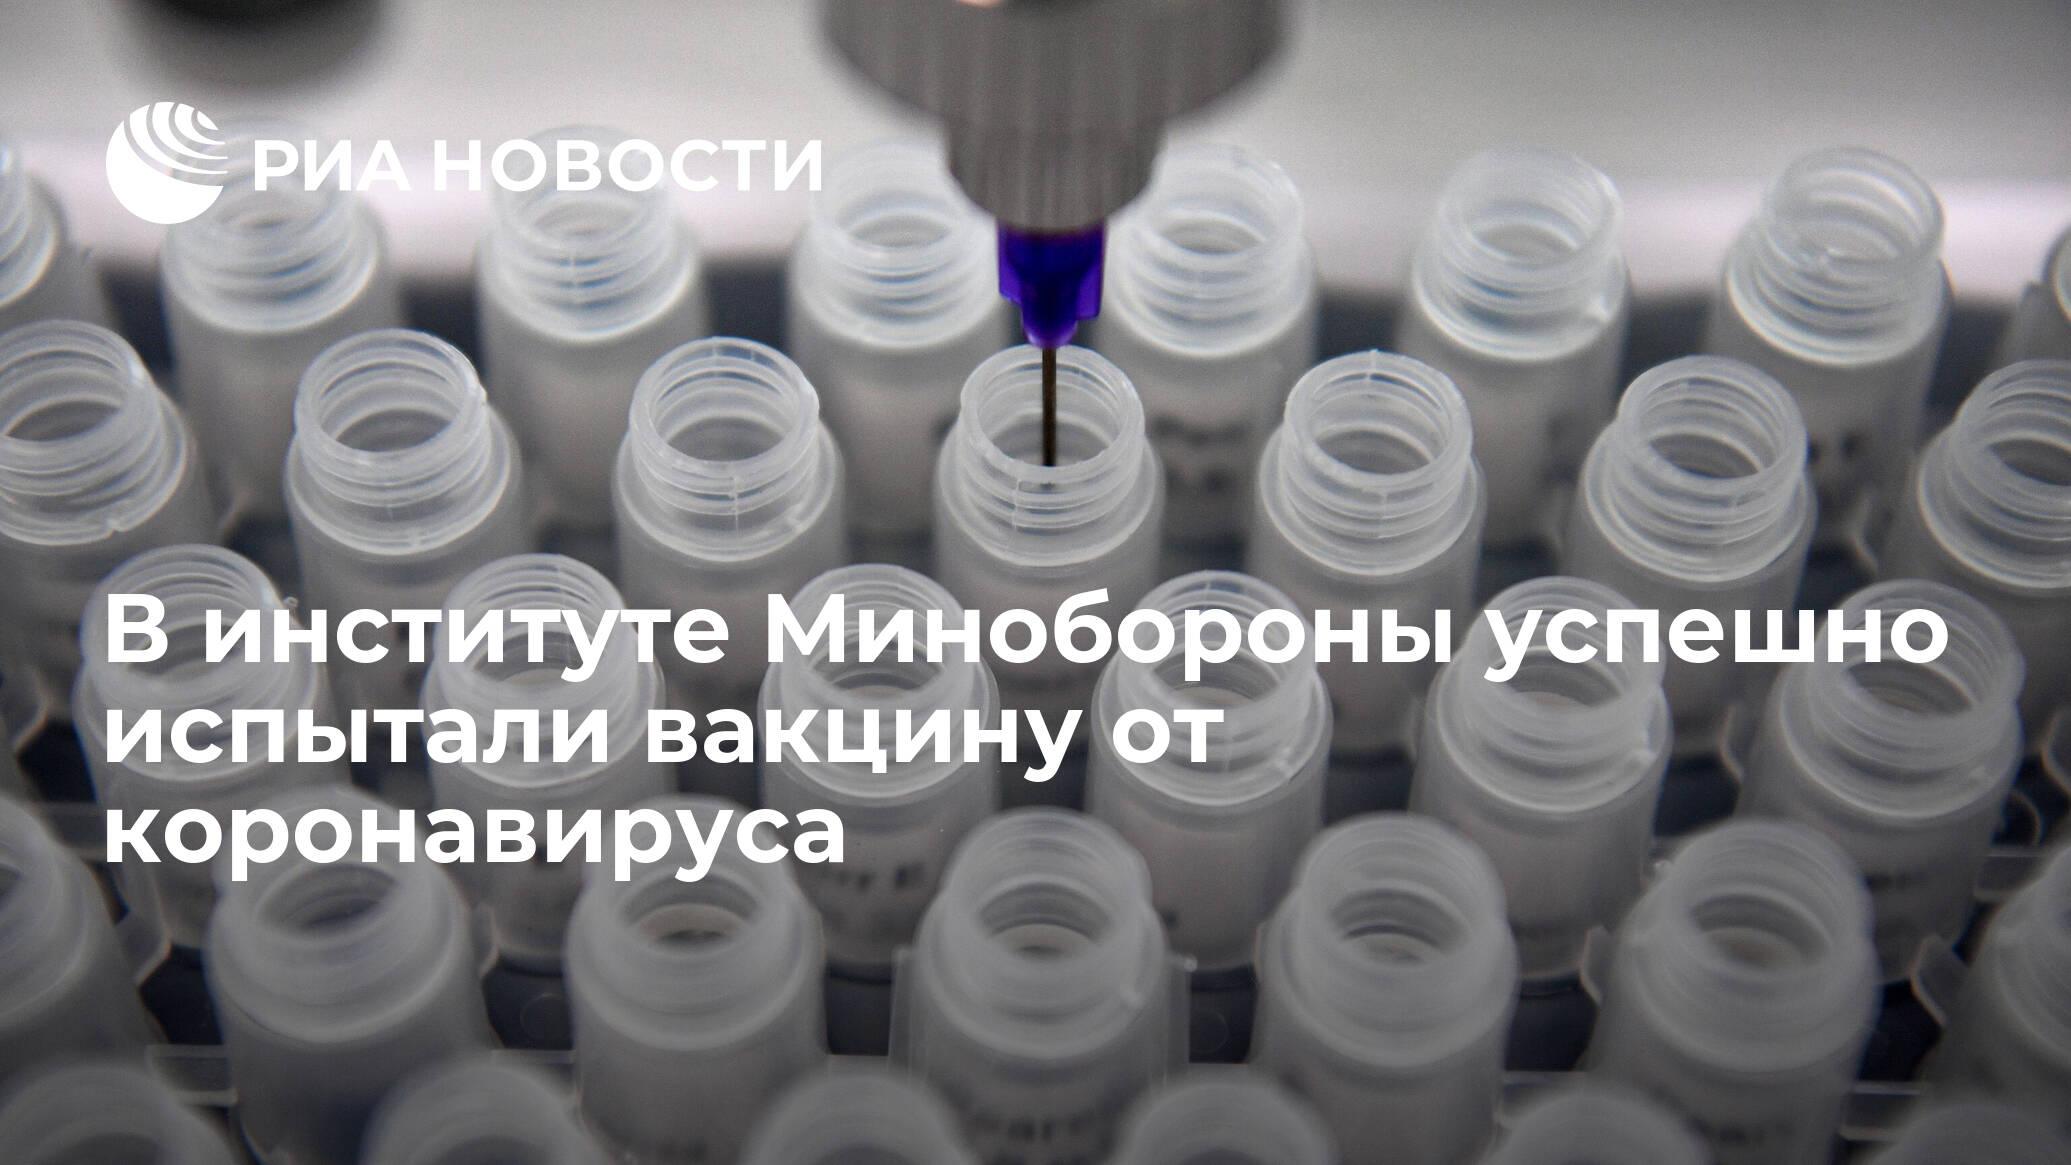 В институте Минобороны успешно испытали вакцину от коронавируса